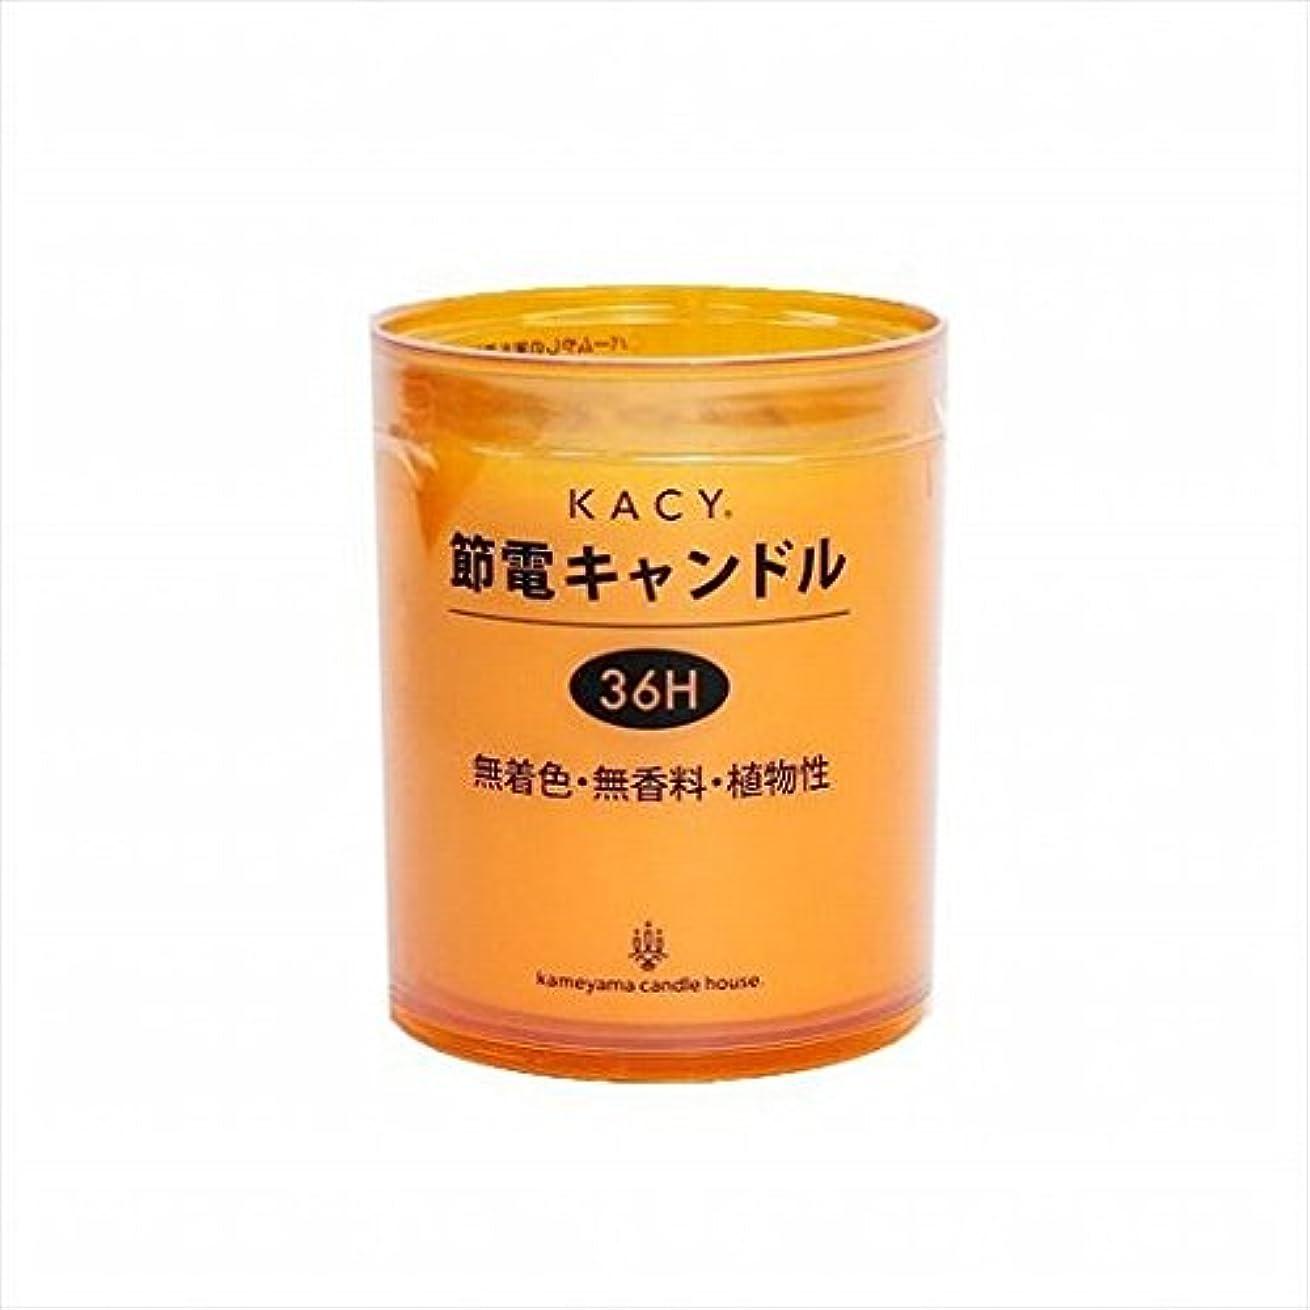 申請中全体に登山家kameyama candle(カメヤマキャンドル) 節電キャンドル 36時間タイプ 「 オレンジ 」 キャンドル 83x83x100mm (A9610010OR)